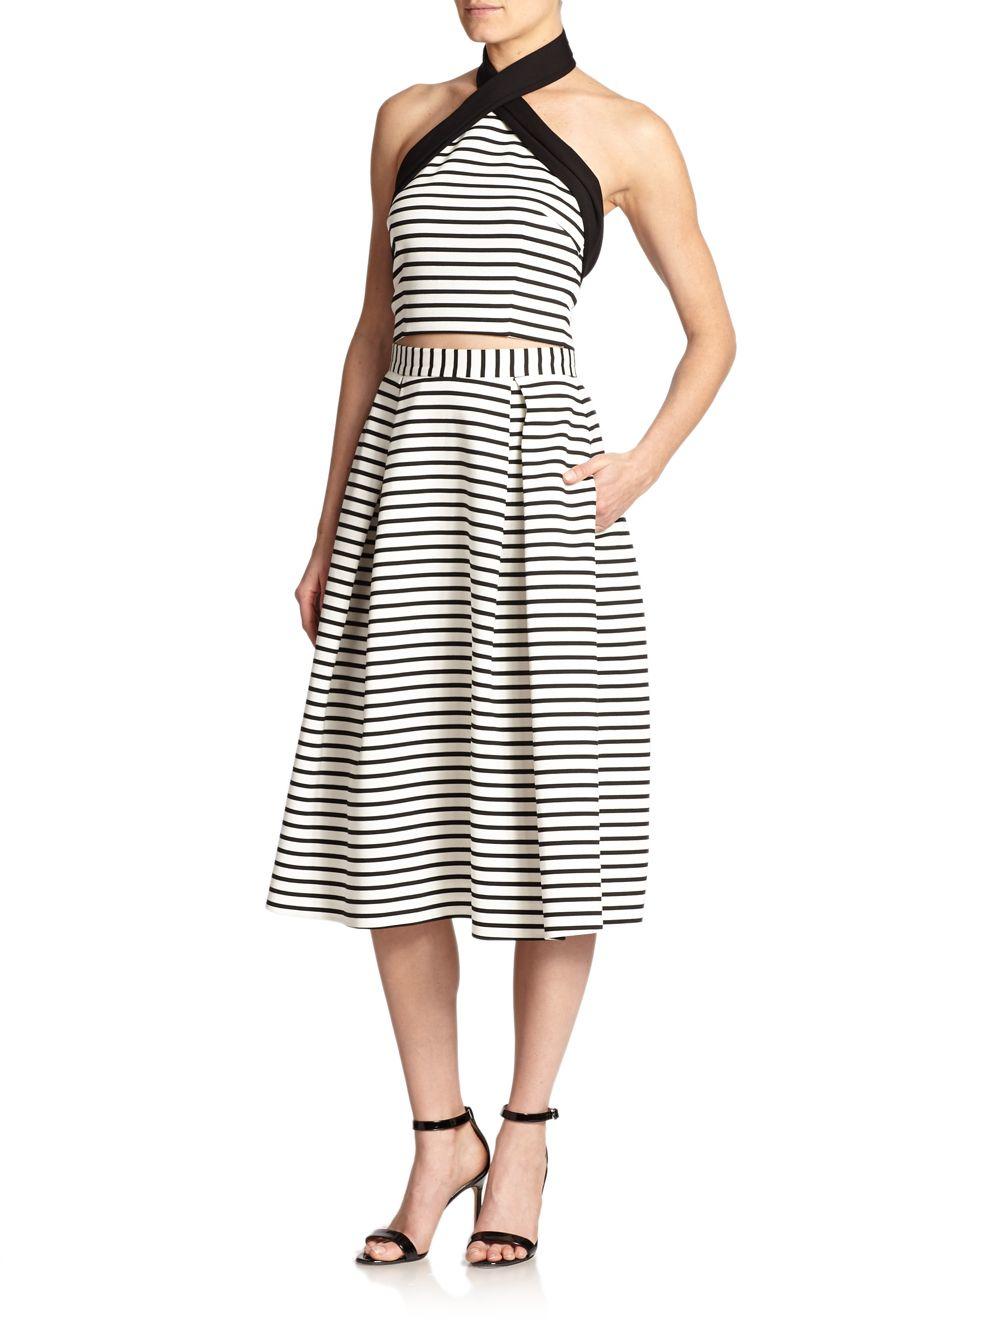 nicholas striped ponte a line skirt in black white